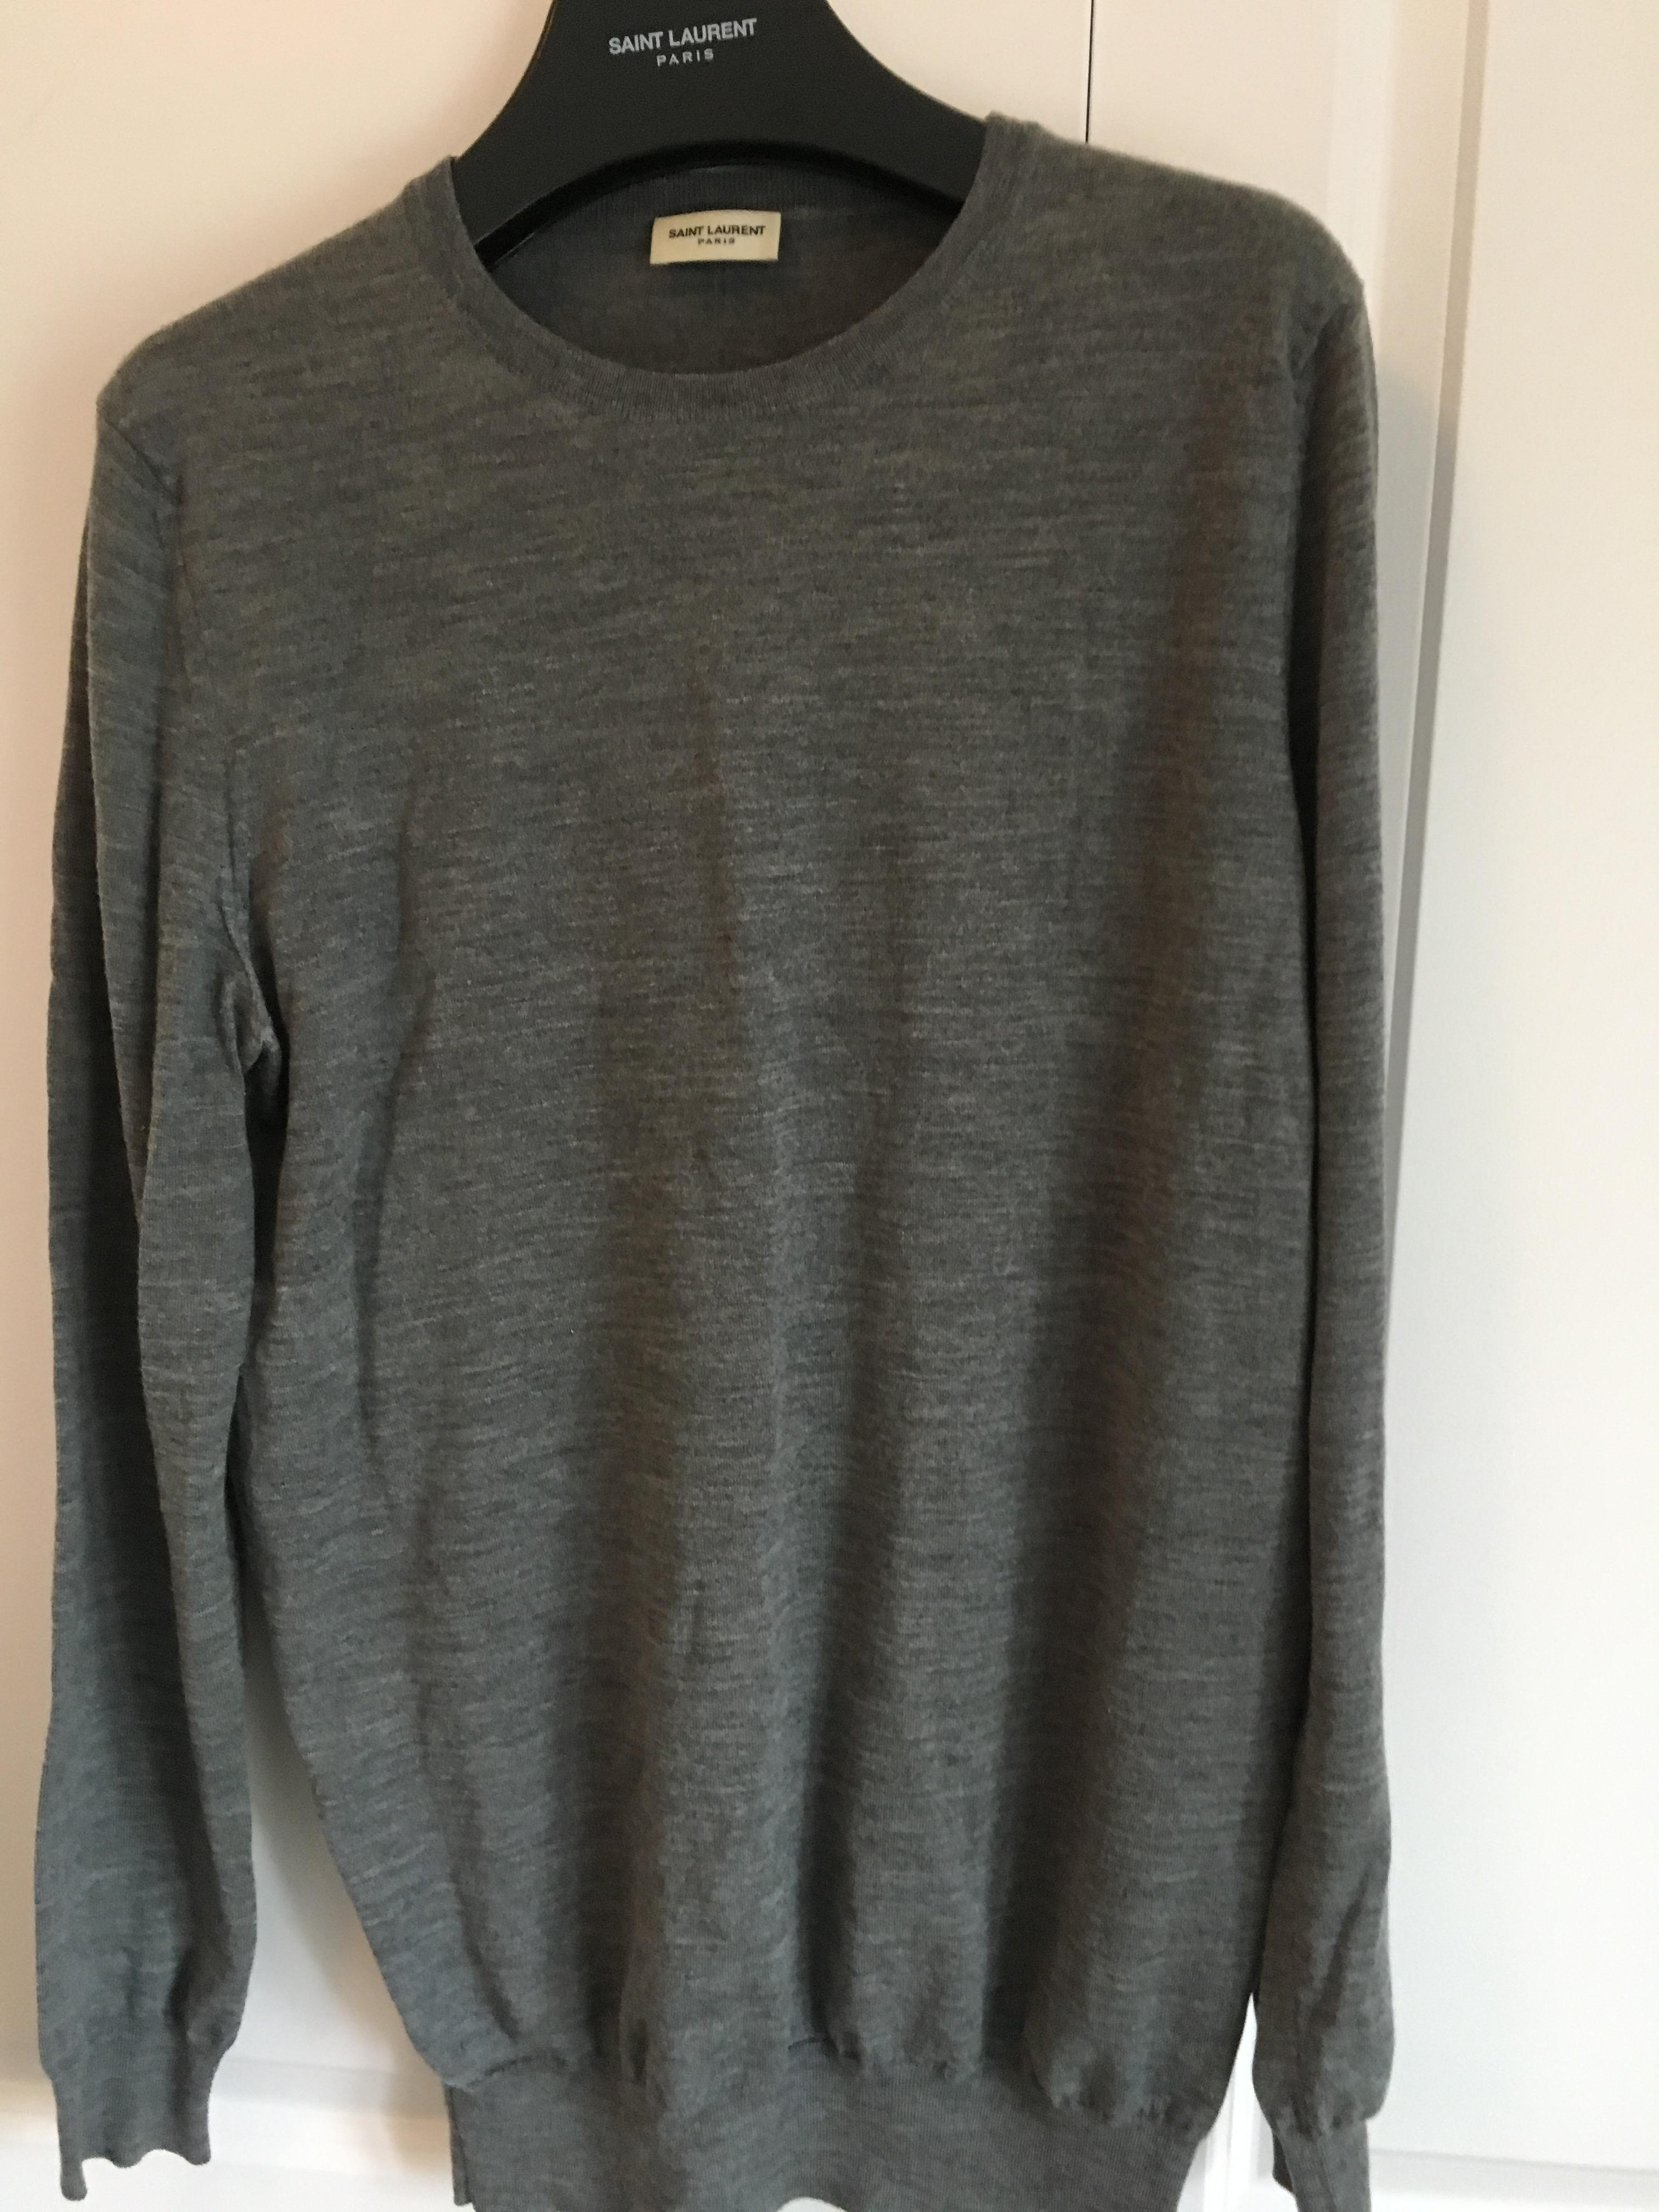 9c6be1debe2522 Saint Laurent Paris Classic Merino Crewneck Sweater | Grailed